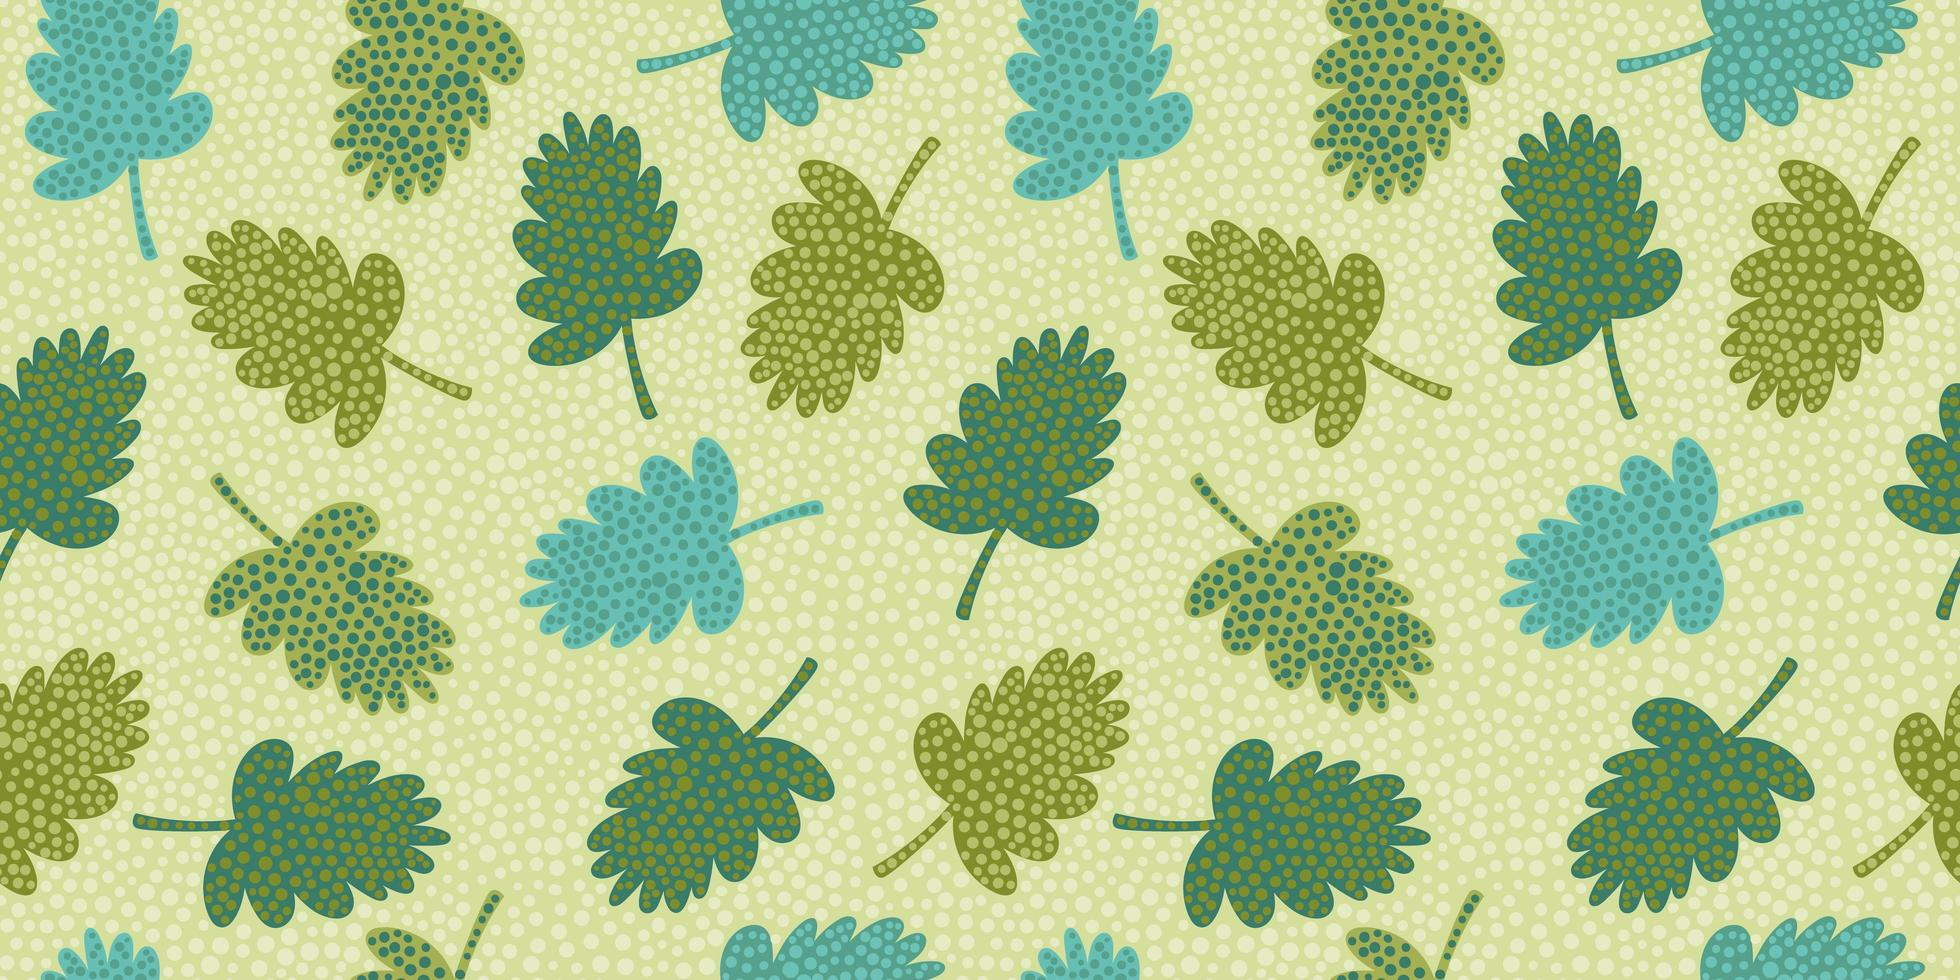 artistieke naadloze patroon met abstracte bladeren. modern ontwerp voor papier, omslag, stof, interieur en andere. vector